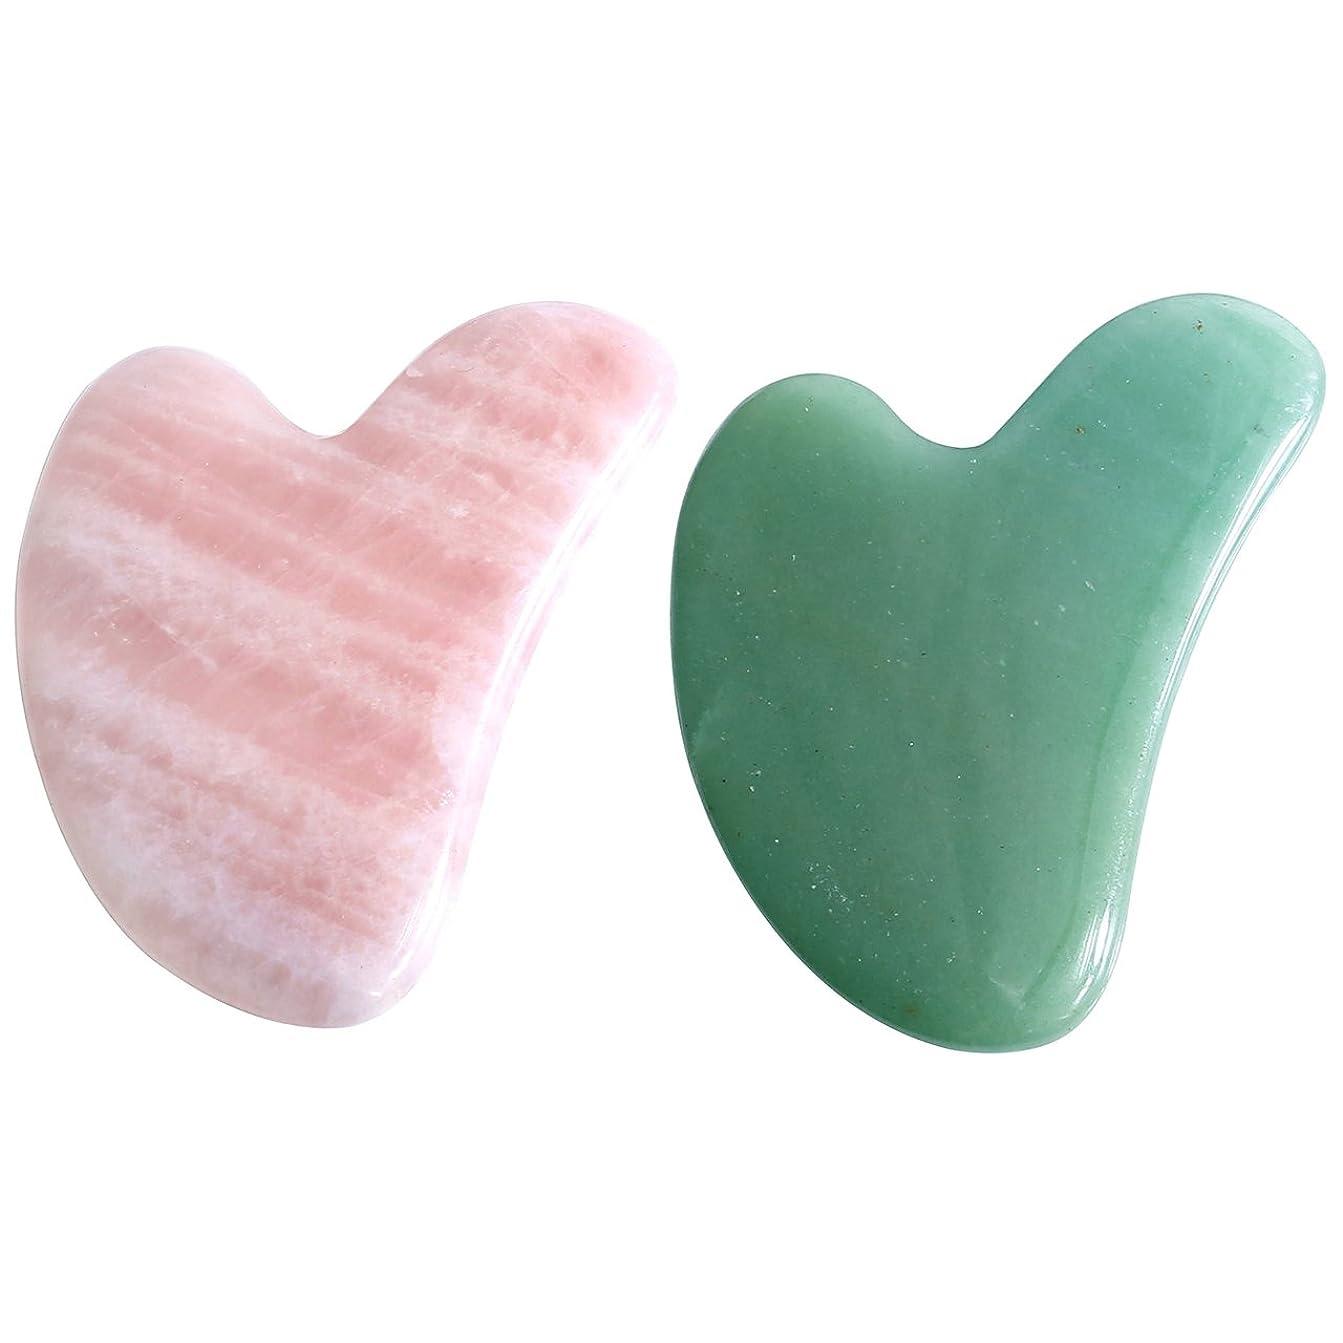 知事委任疑い者2点セット2pcsFace / Body Massage rose quartz/ Adventurine heart shape Gua Sha 心臓の/ハート形状かっさプレート 天然石ローズクォーツ 翡翠,顔?ボディのリンパマッサージ